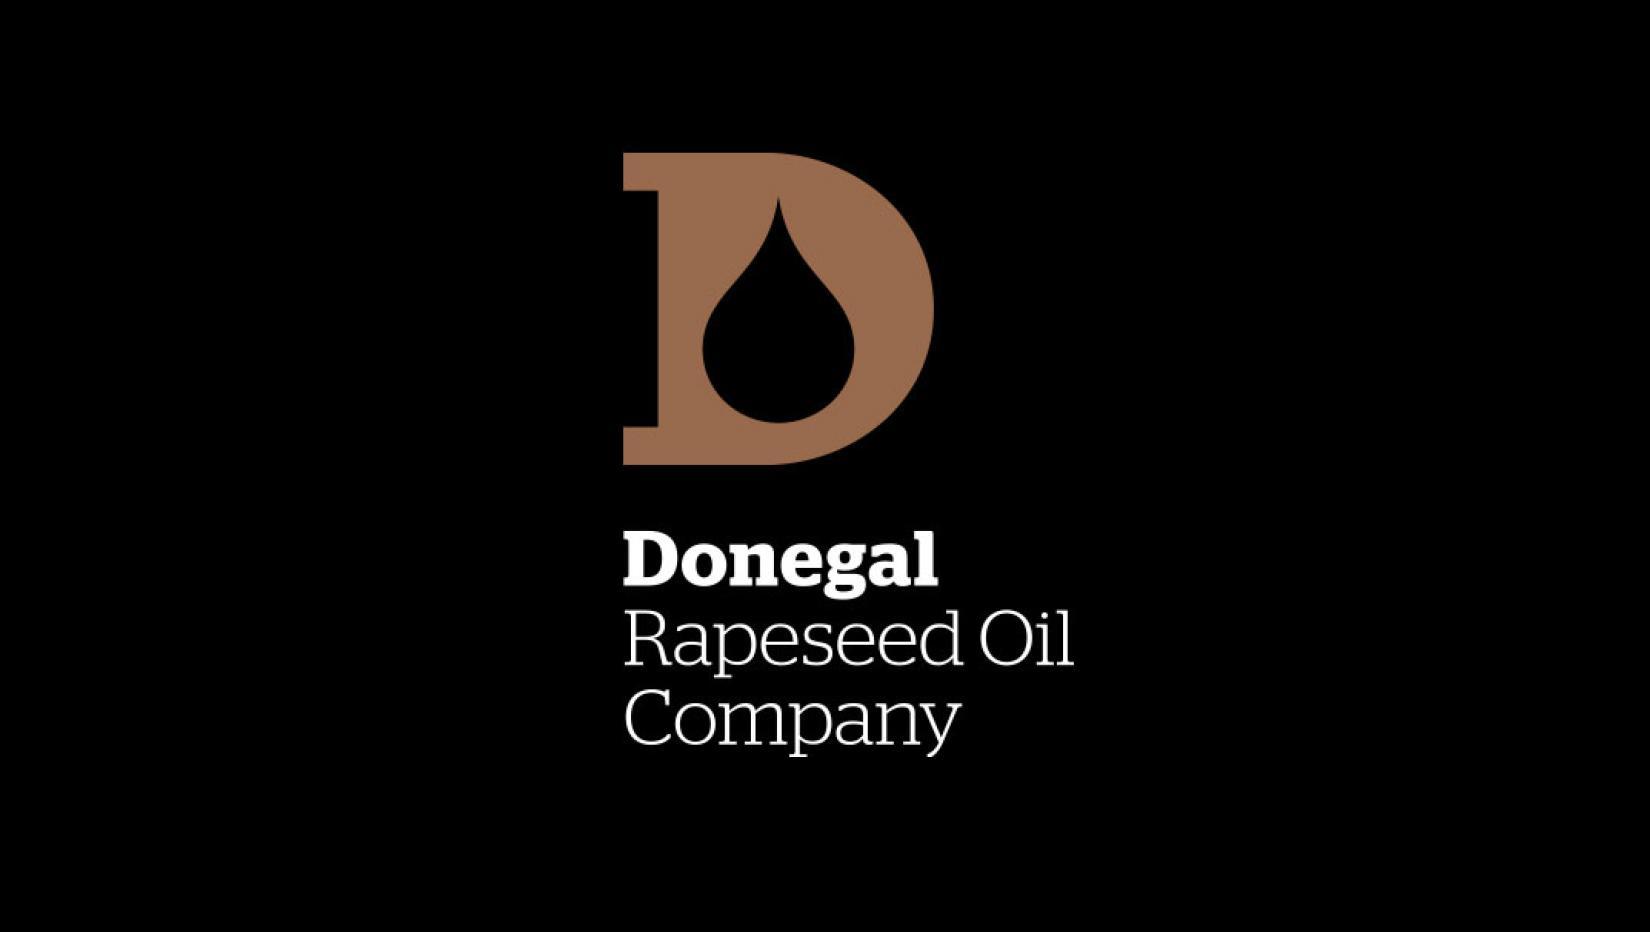 Donegal Rapeseed Oil Branding